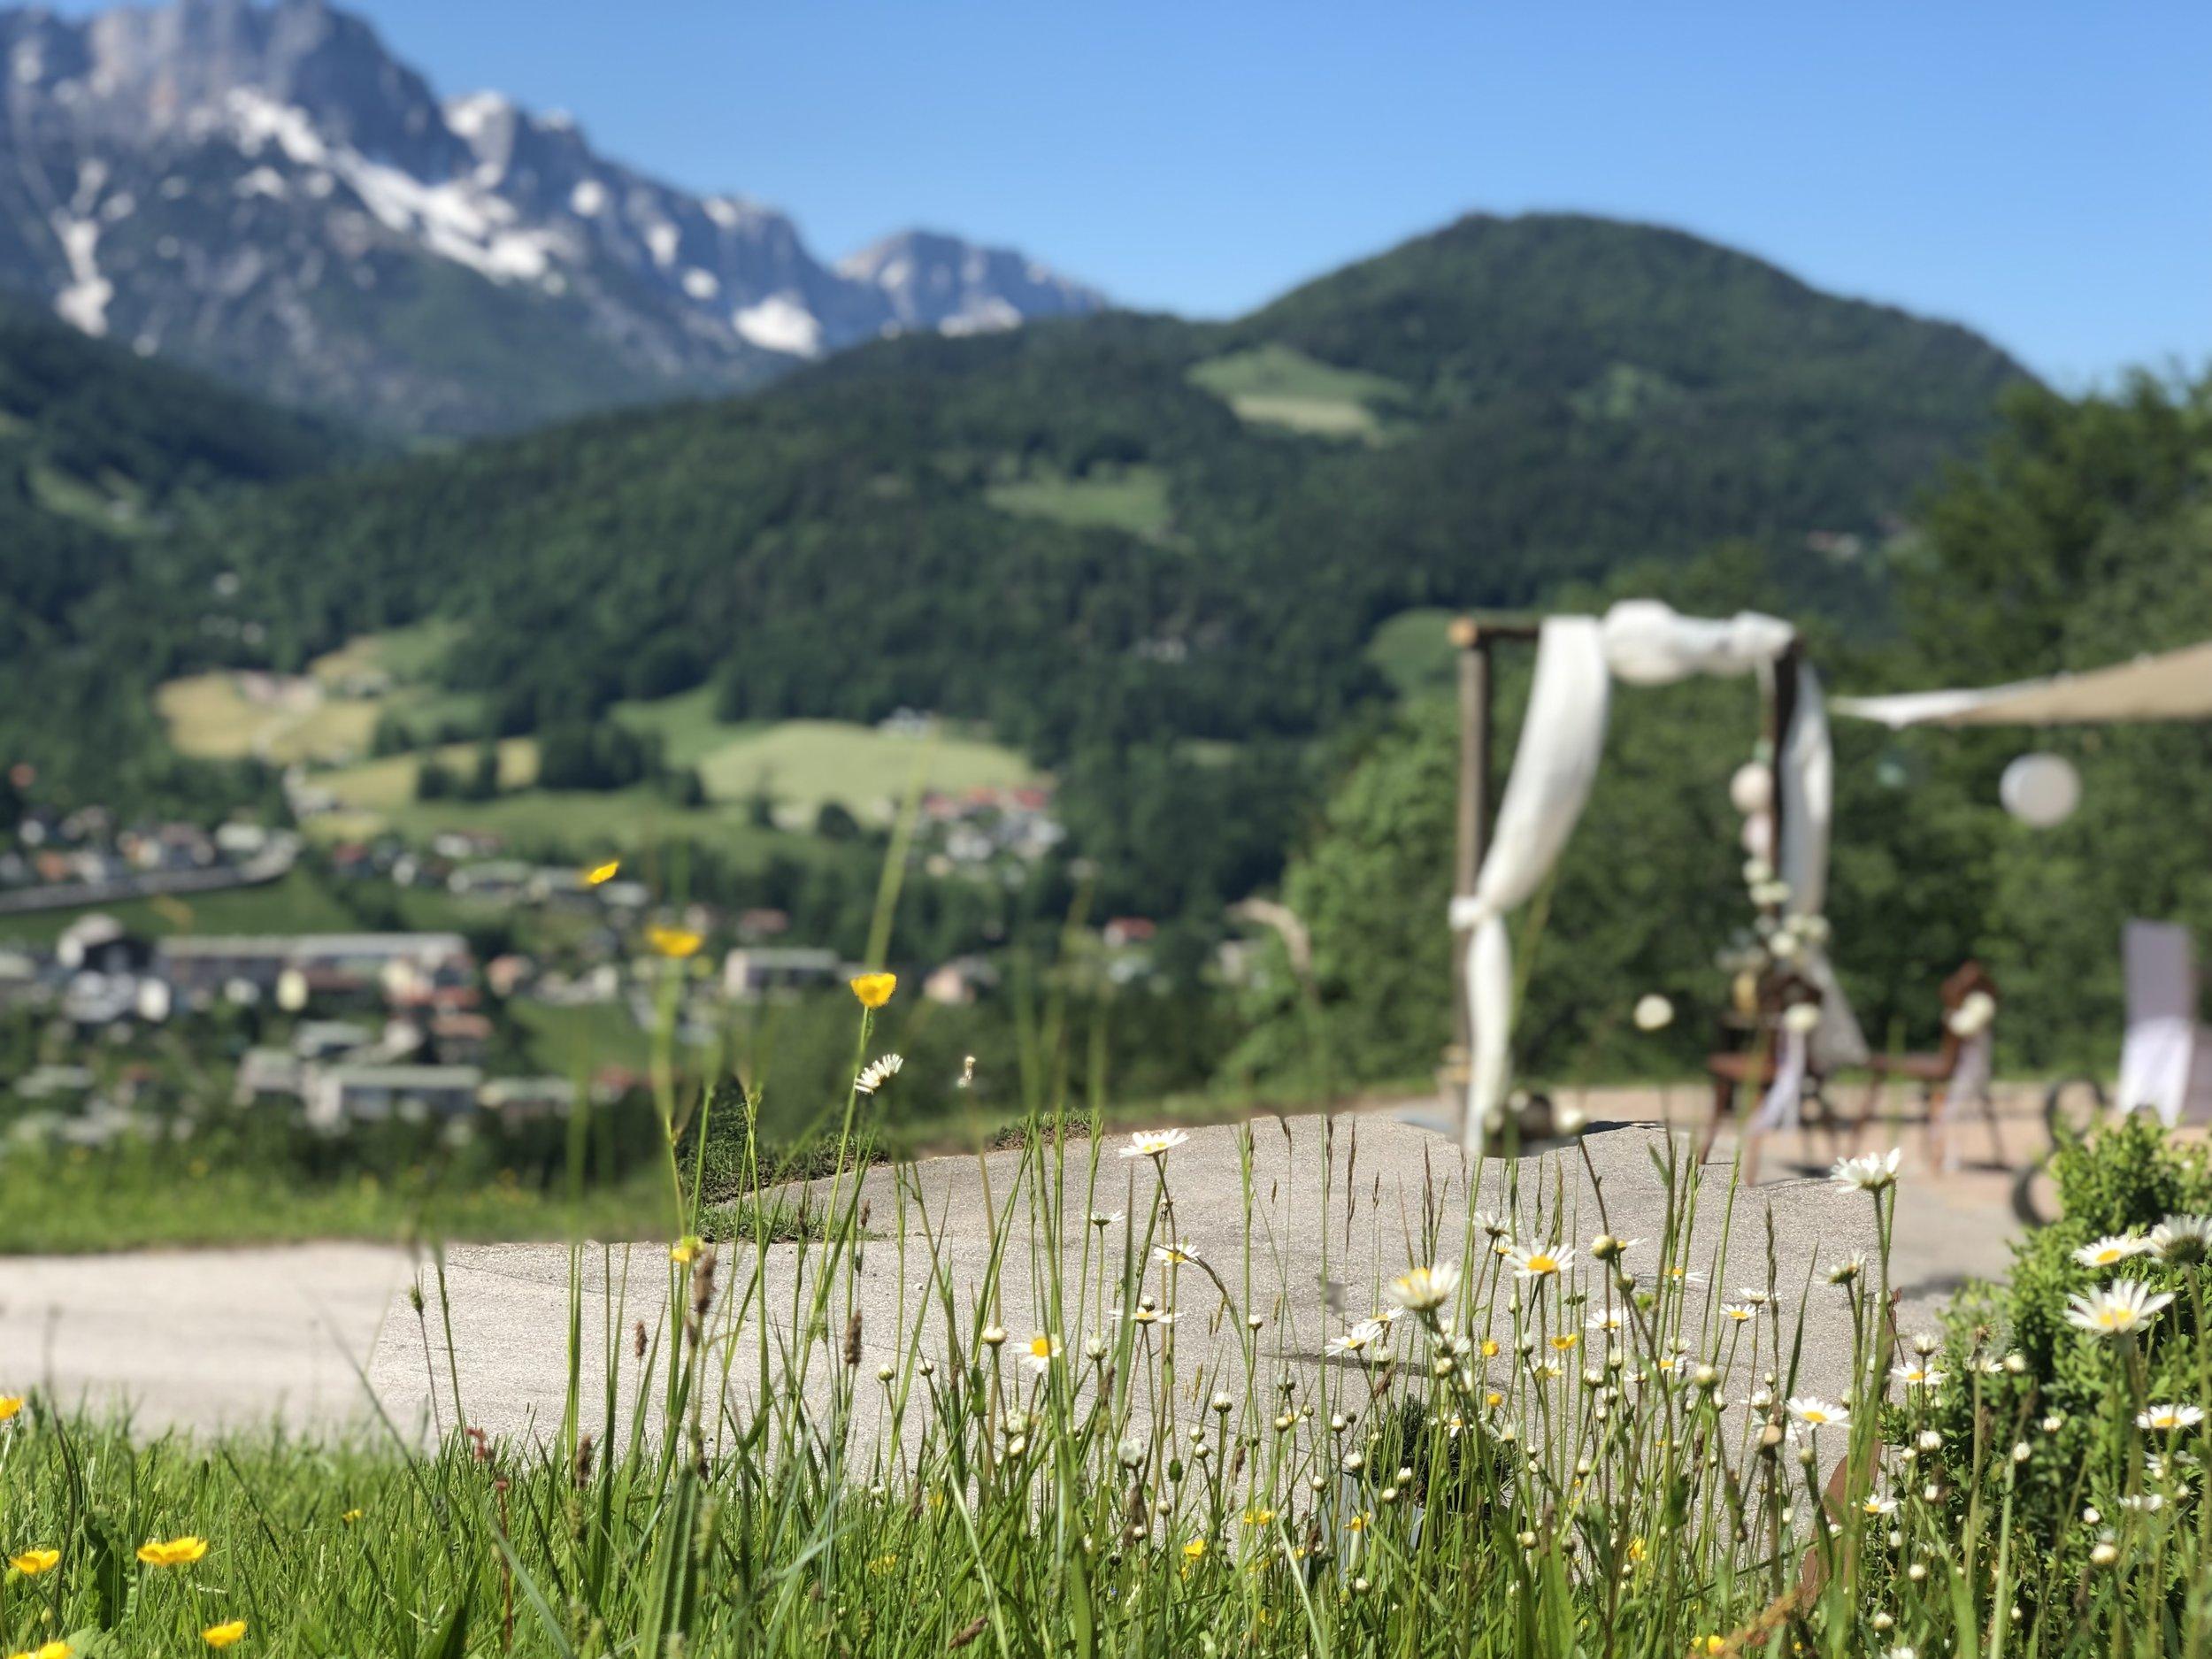 Trauung - Tief in den bayrischen Alpen können Sie Ihre Traumhochzeit mit einer atemberaubenden Kulisse genießen. Selten findet man schönere und malerische Orte für Standesämter und Kirchen wie in der Region Berchtesgaden.Auch an traumhaften Plätzen für eine freie Trauung mangelt es nicht.